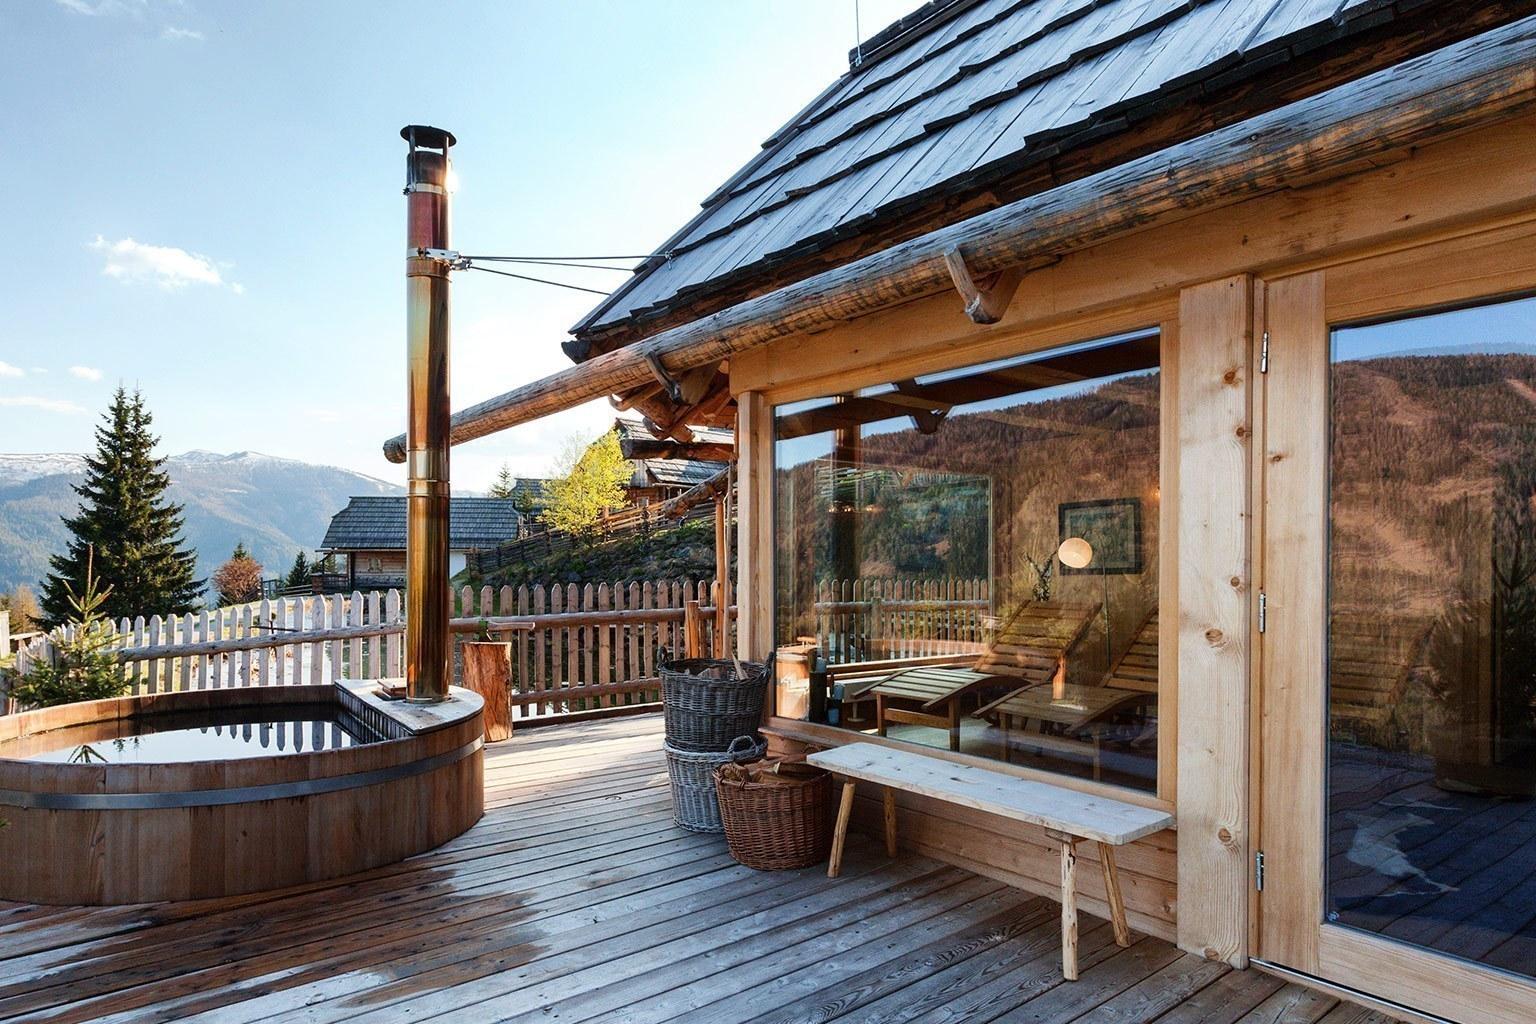 Almdorf seinerzeit luxushotel bei designreisen for Silvester design hotel